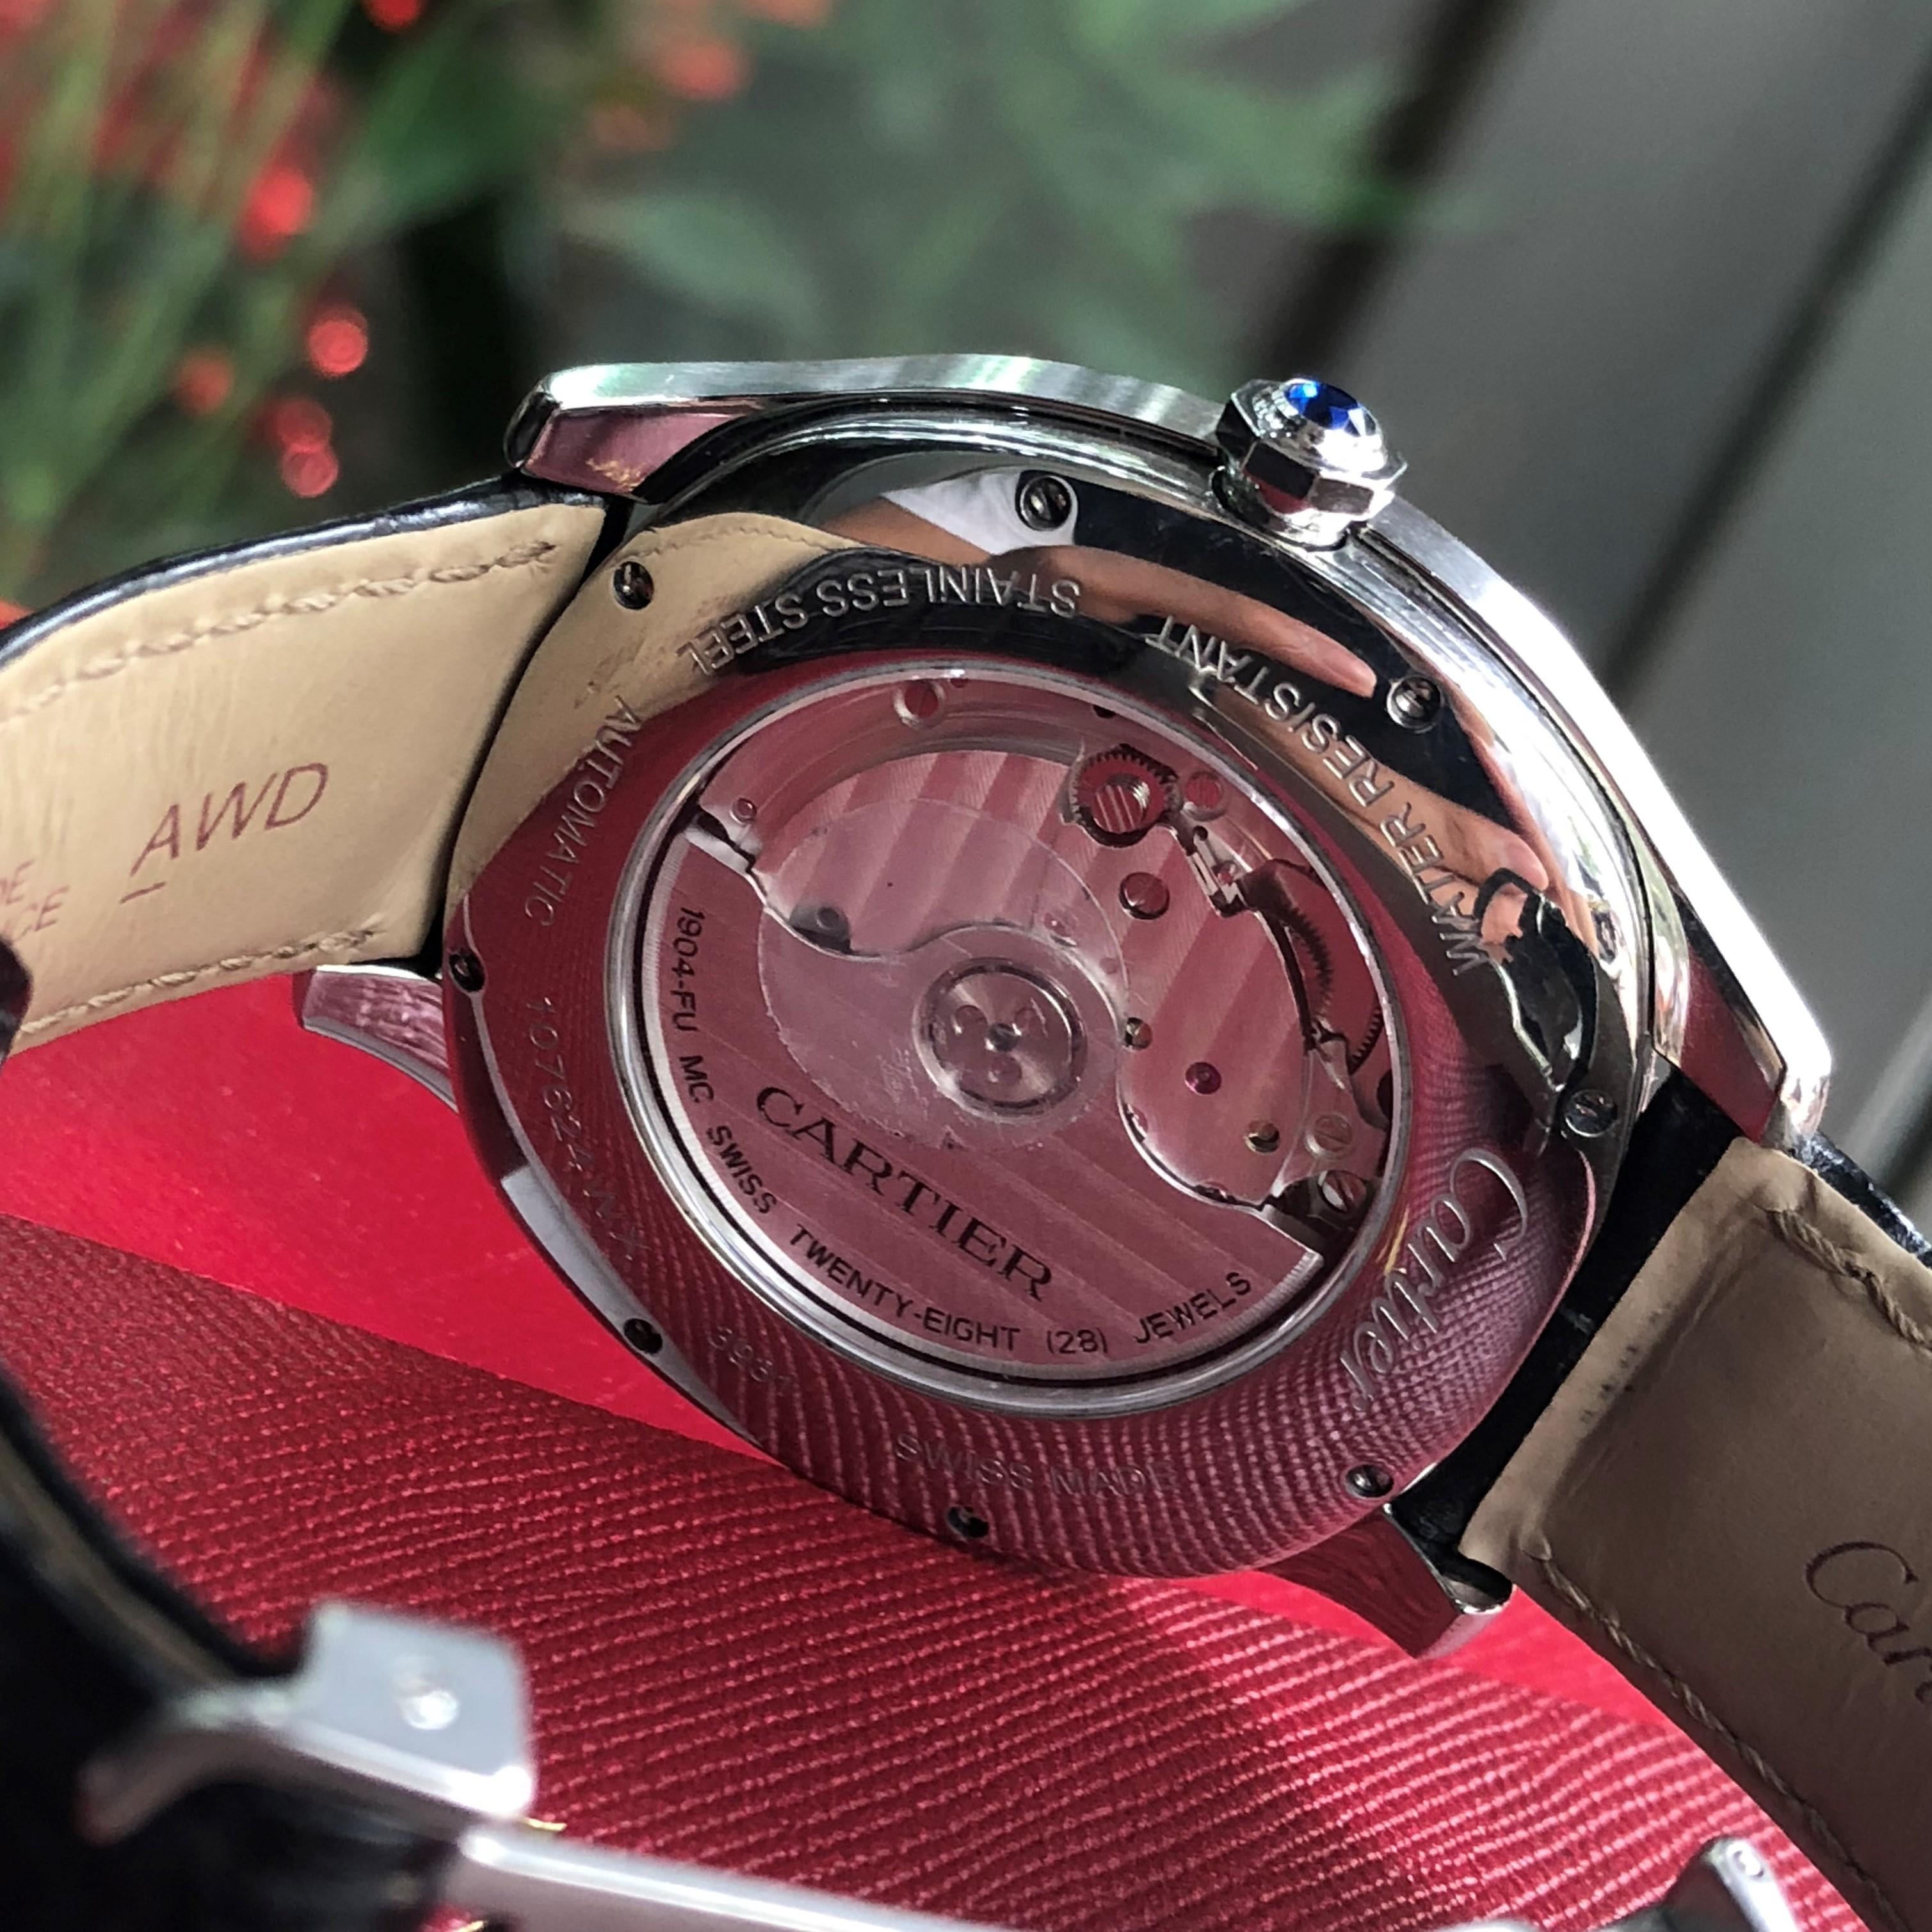 Drive De Cartier Automatic WSNM0005